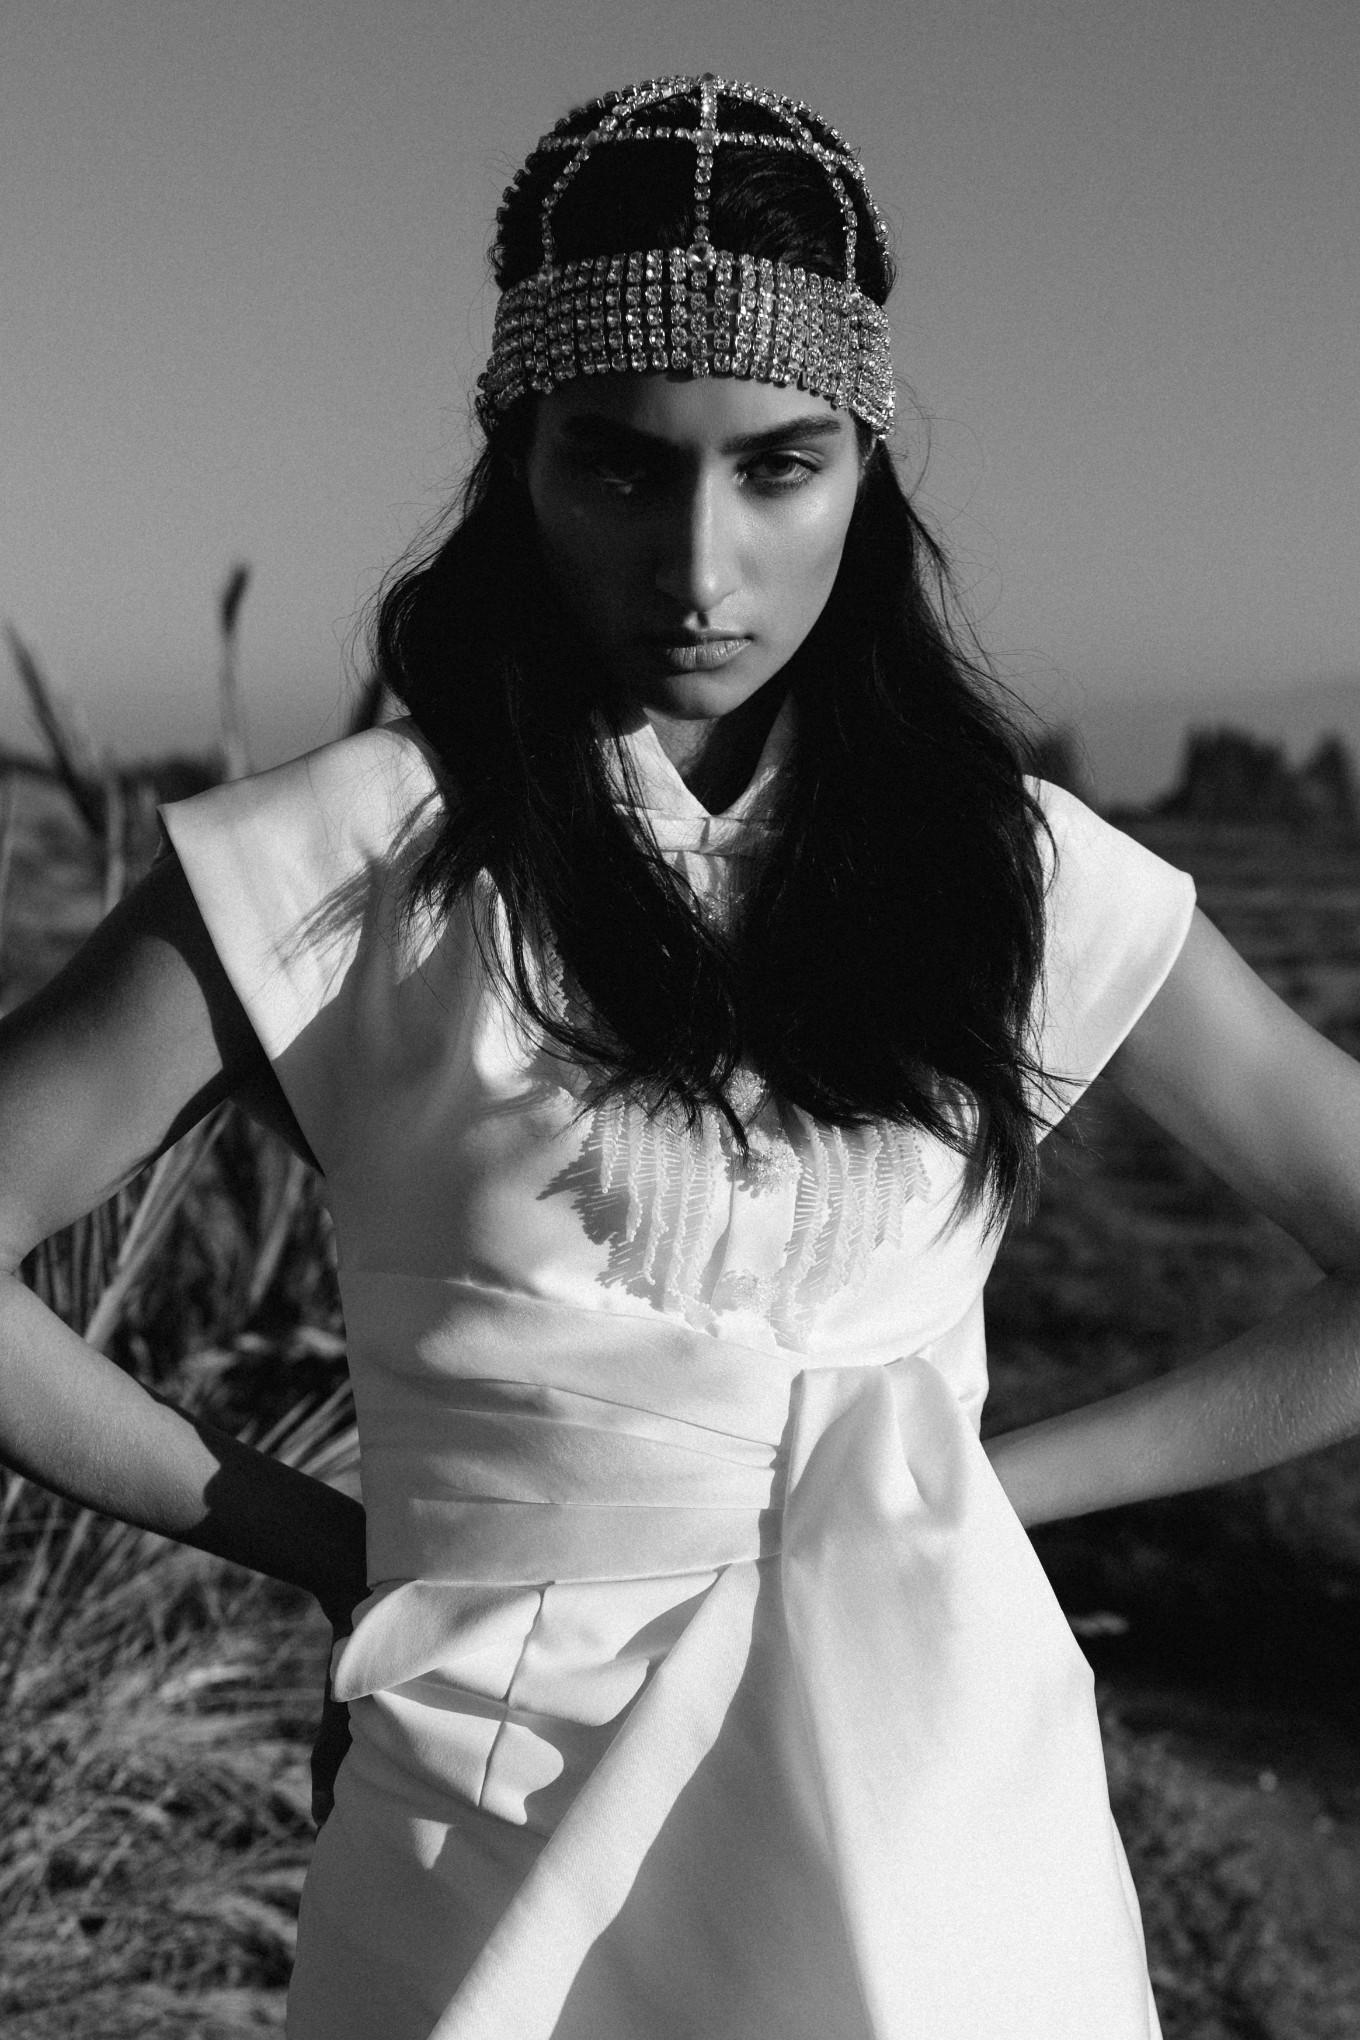 The-Saums-Marrakech-Editorial-20.jpg